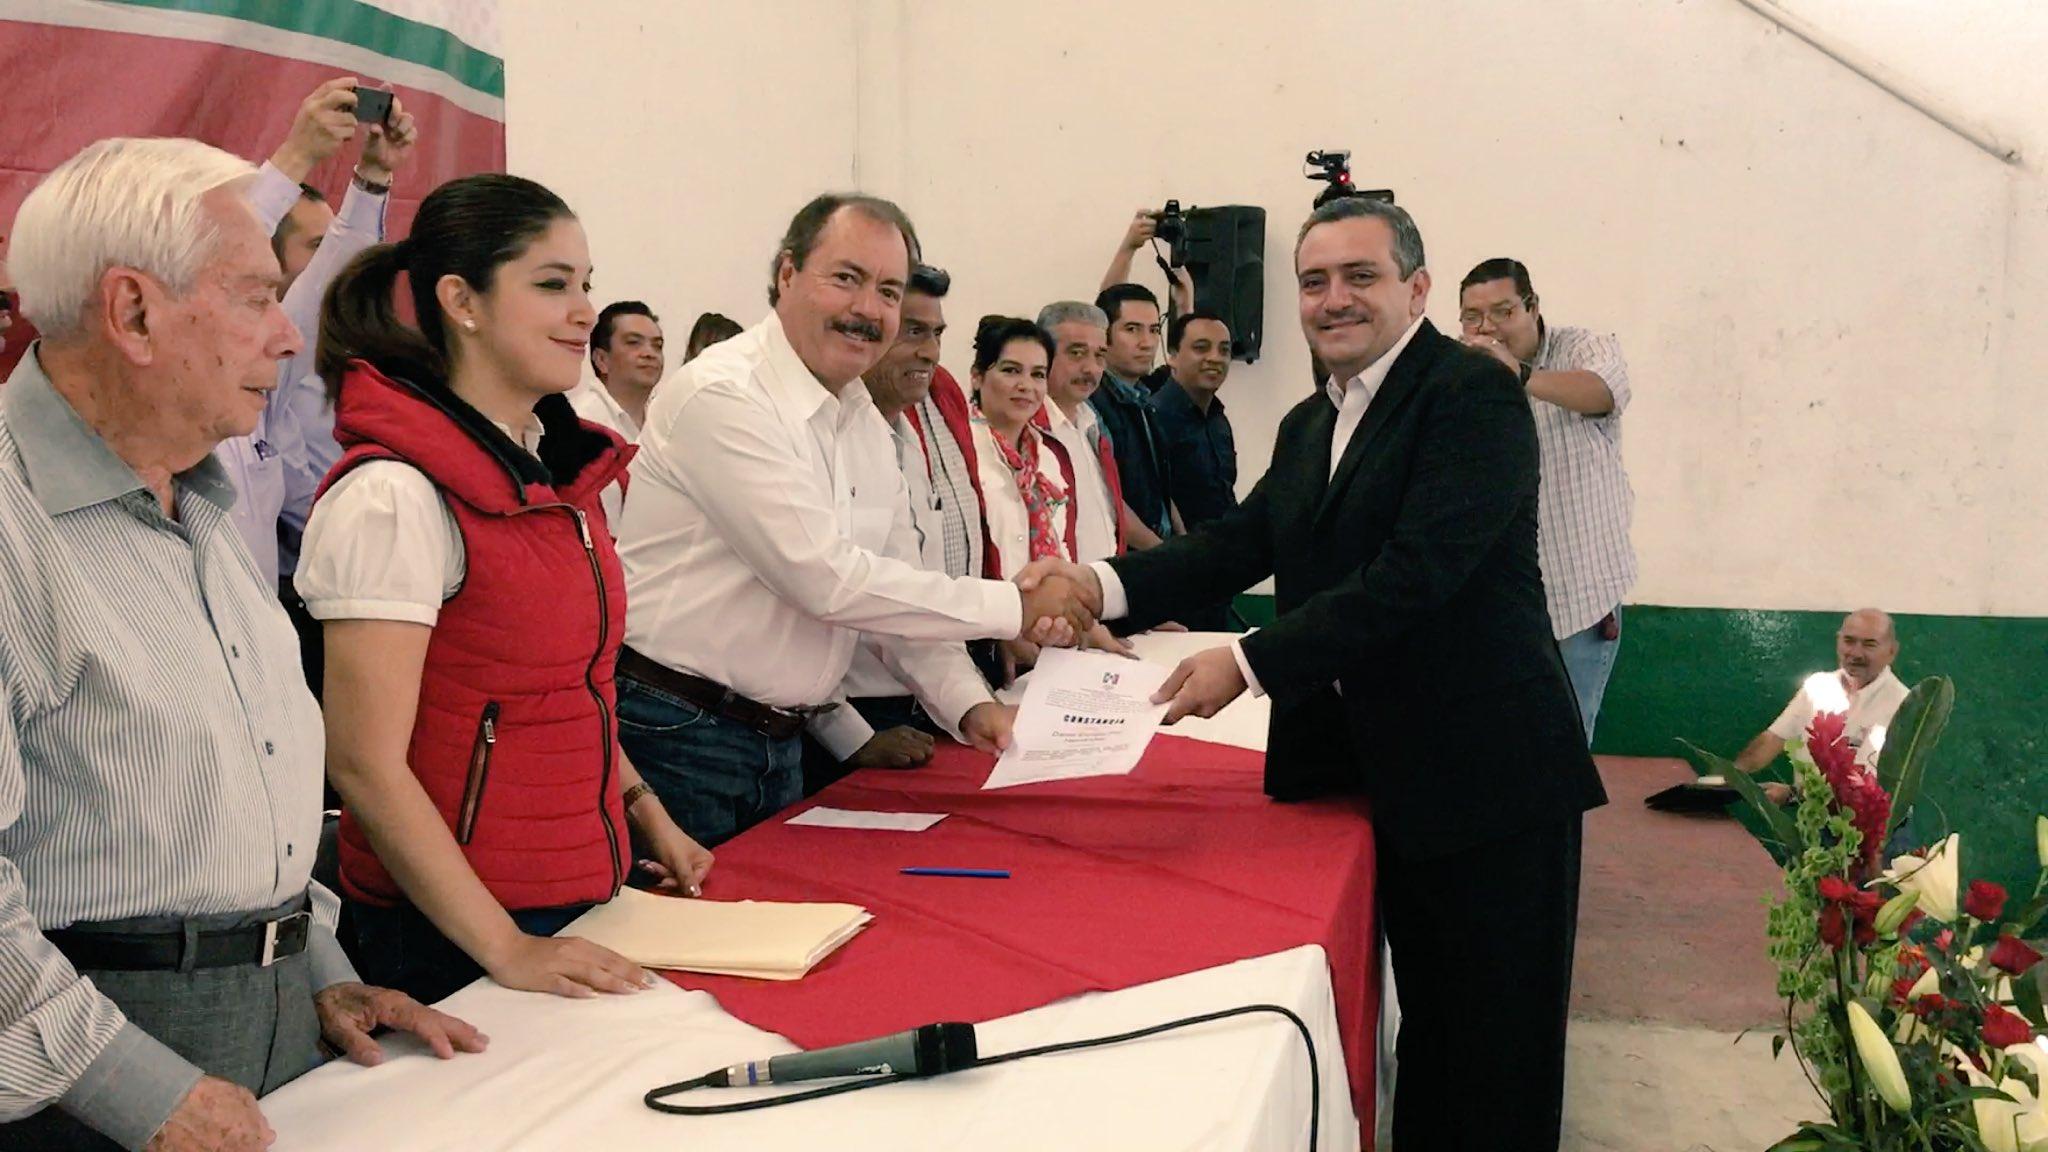 Hoy nos encontramos en Uruapan en la entrega de constancias del Comité Municipal del PRI. #VamosMichoacán https://t.co/WxIIc8SUfm